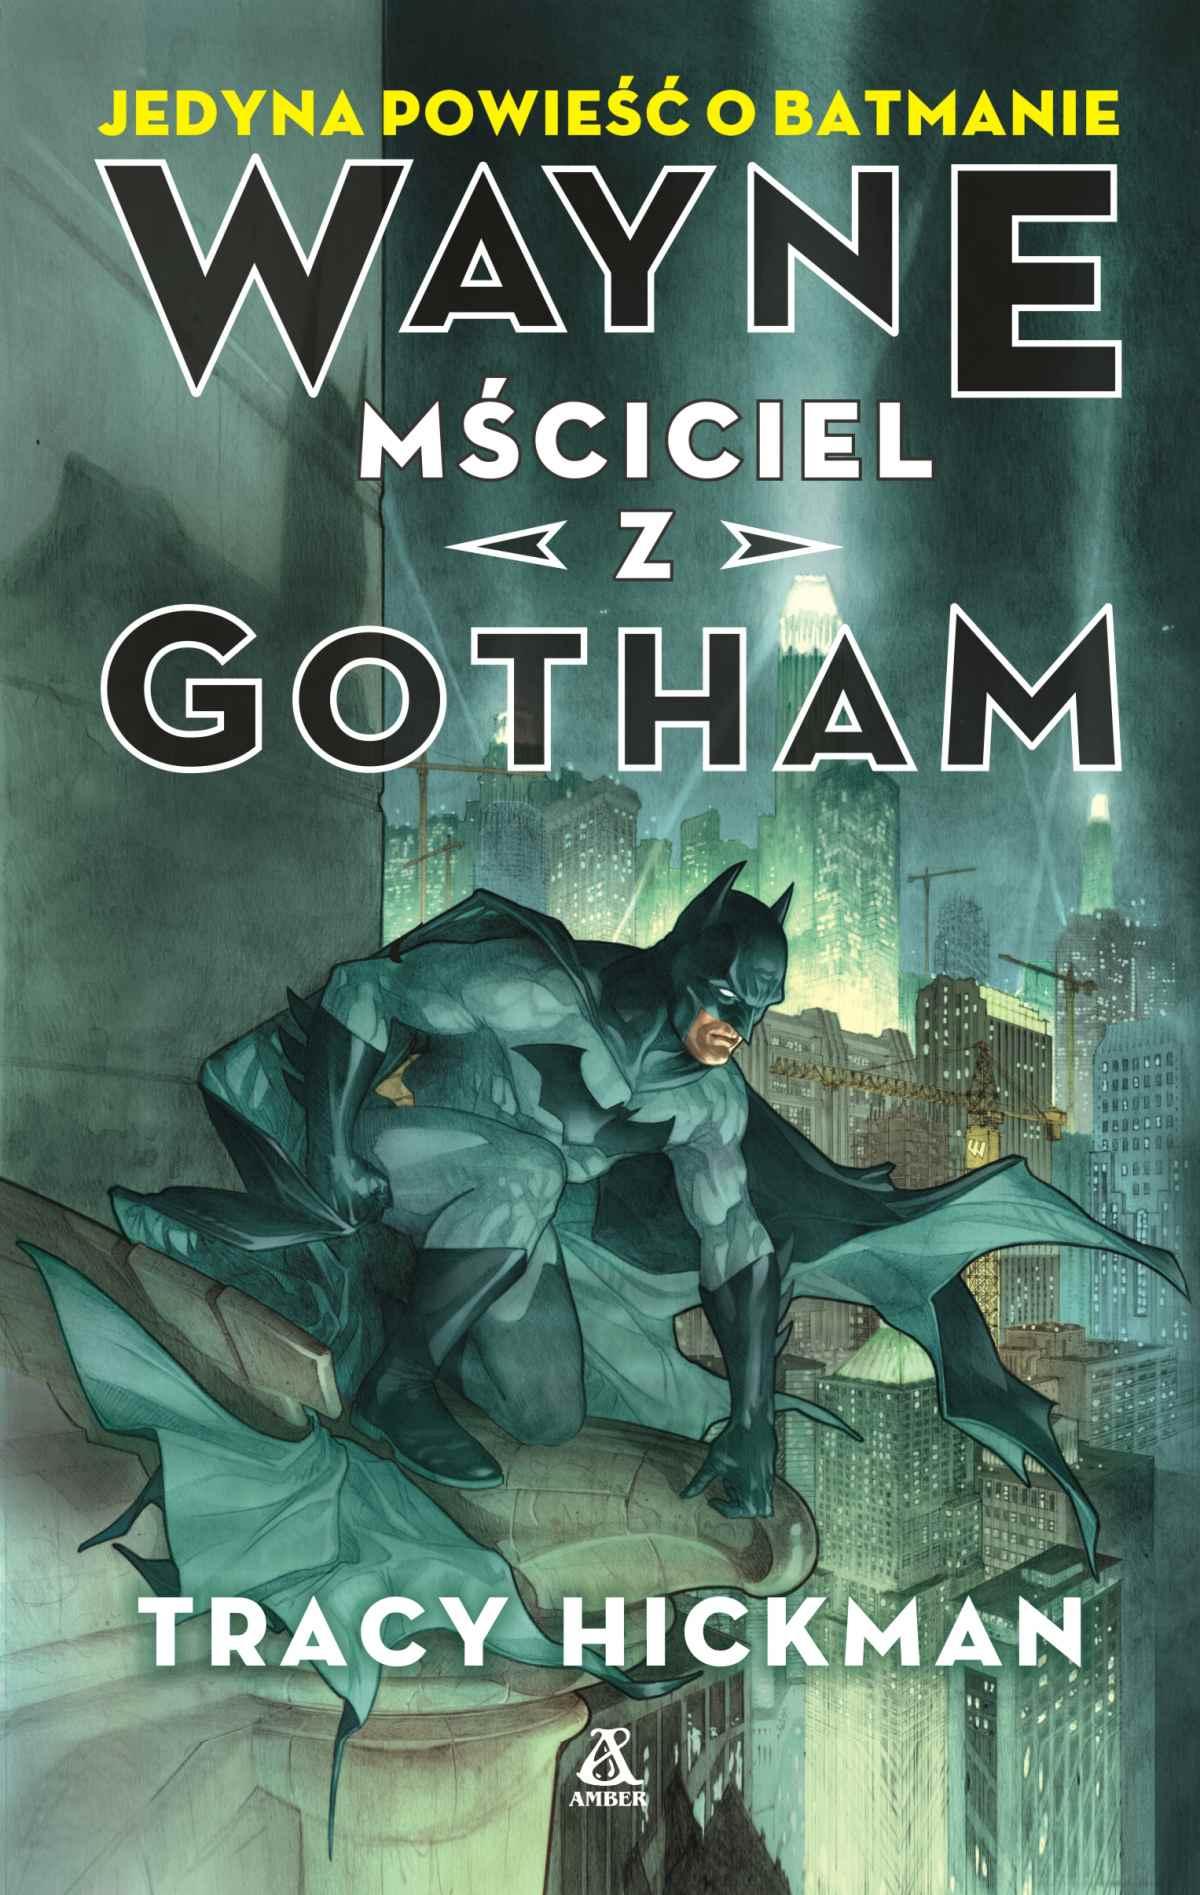 Wayne mściciel z Gotham - Ebook (Książka EPUB) do pobrania w formacie EPUB